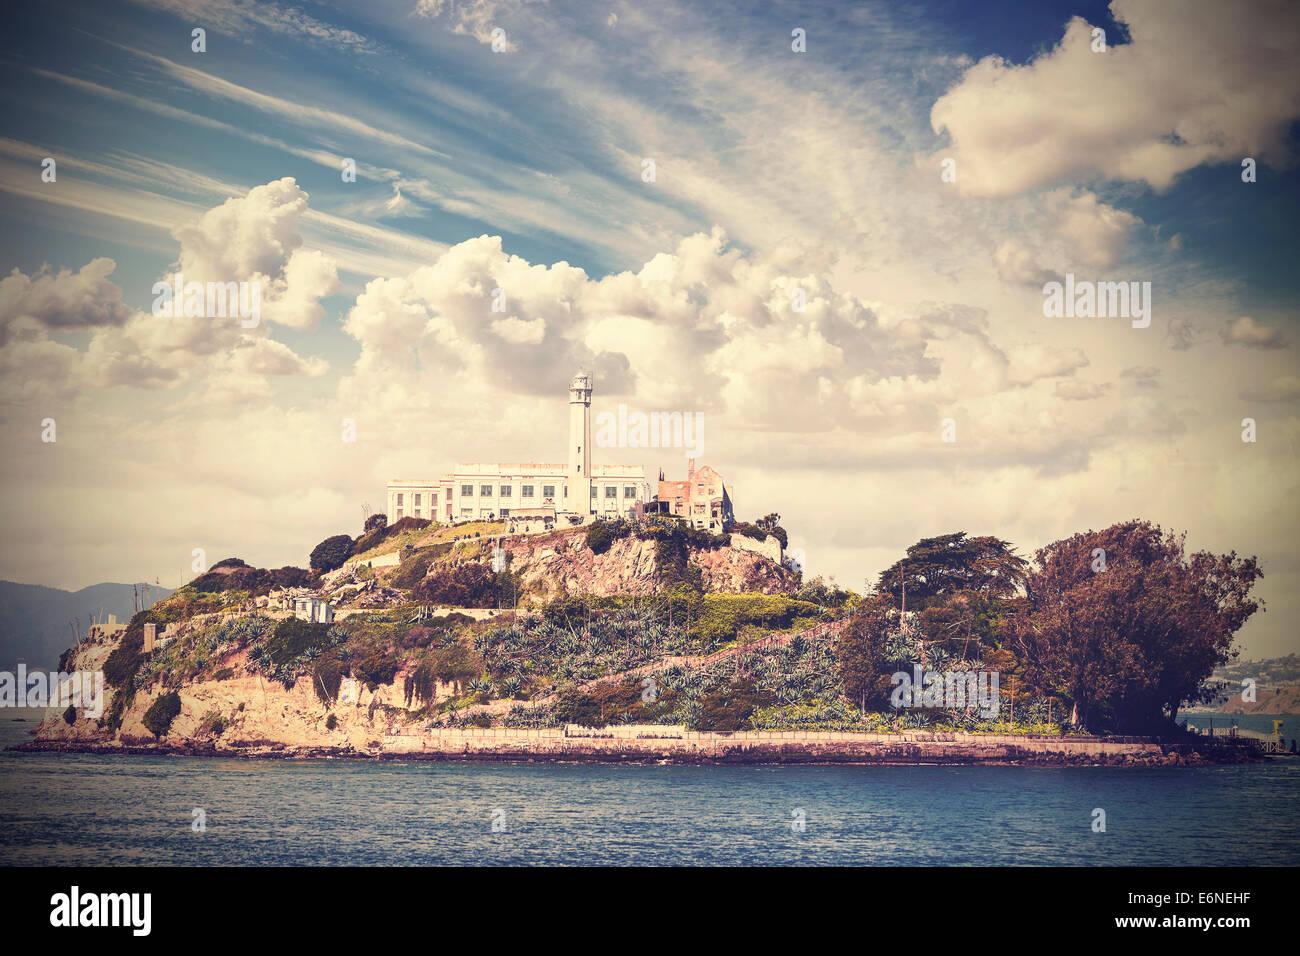 Vintage photo de l'île d'Alcatraz à San Francisco, USA. Photo Stock